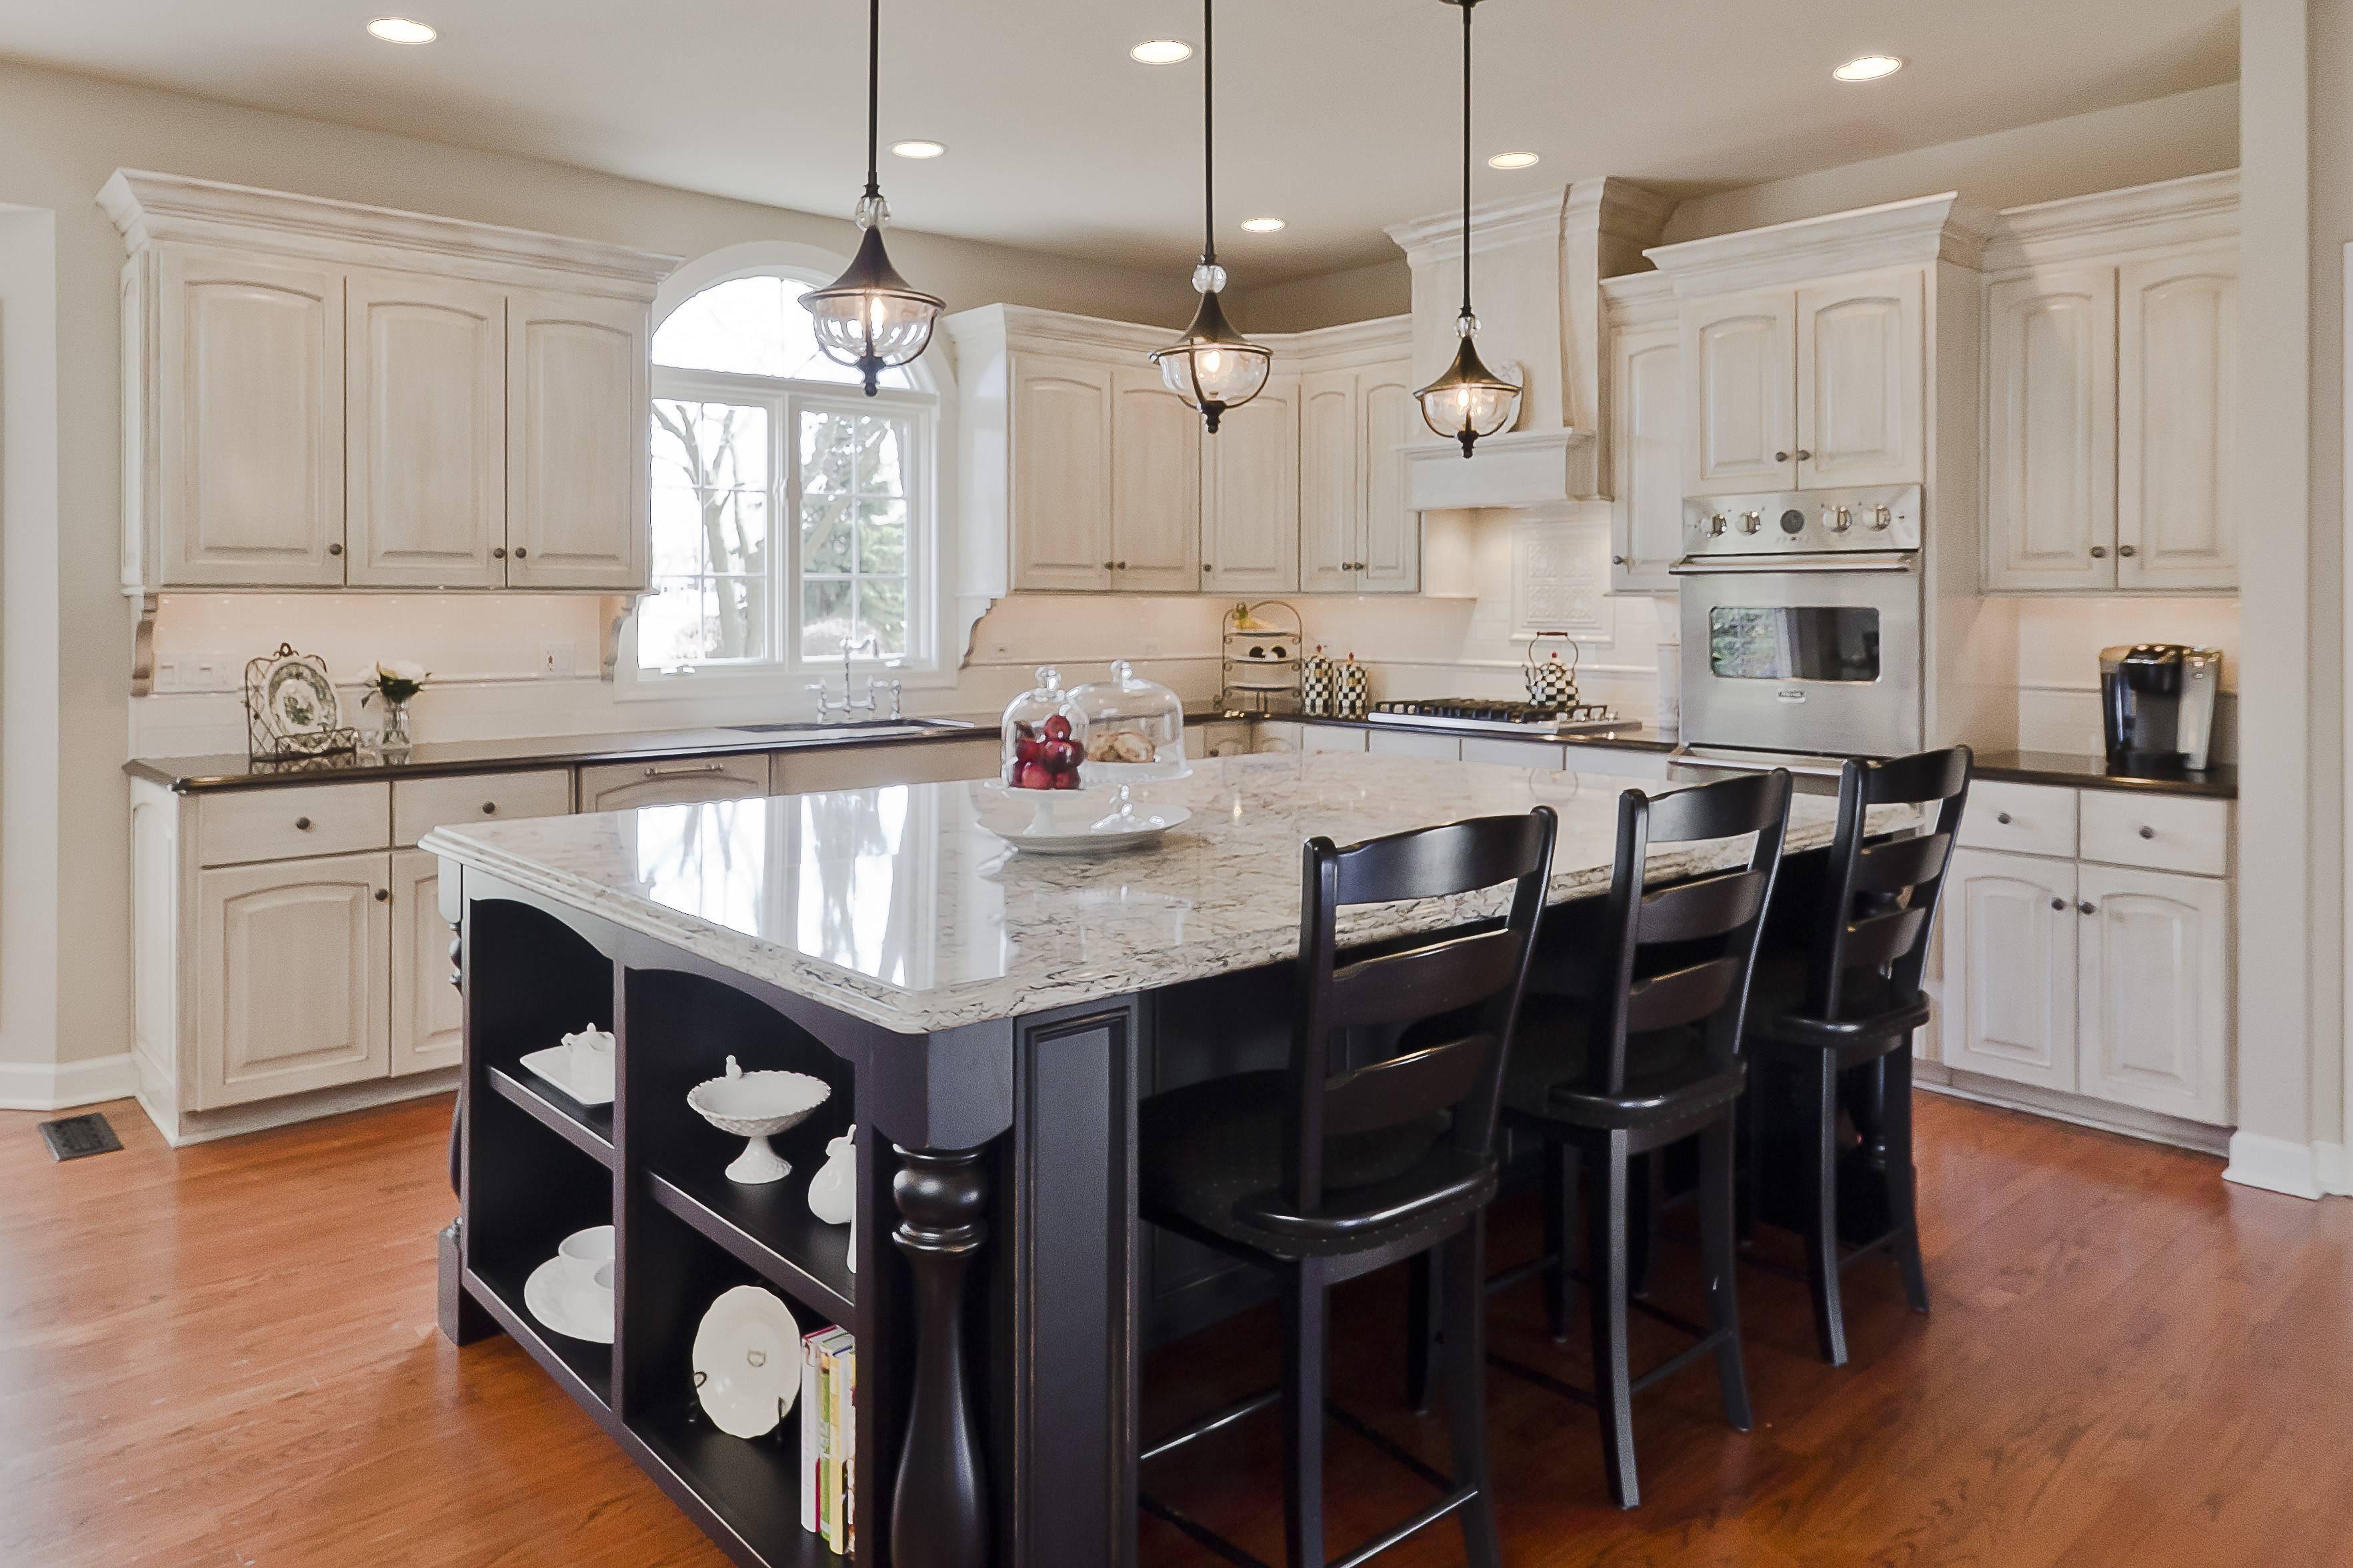 Kitchen Pendant Lighting Fixtures Trends Also Lantern Light For with Mini Lantern Pendant Lights (Image 11 of 15)